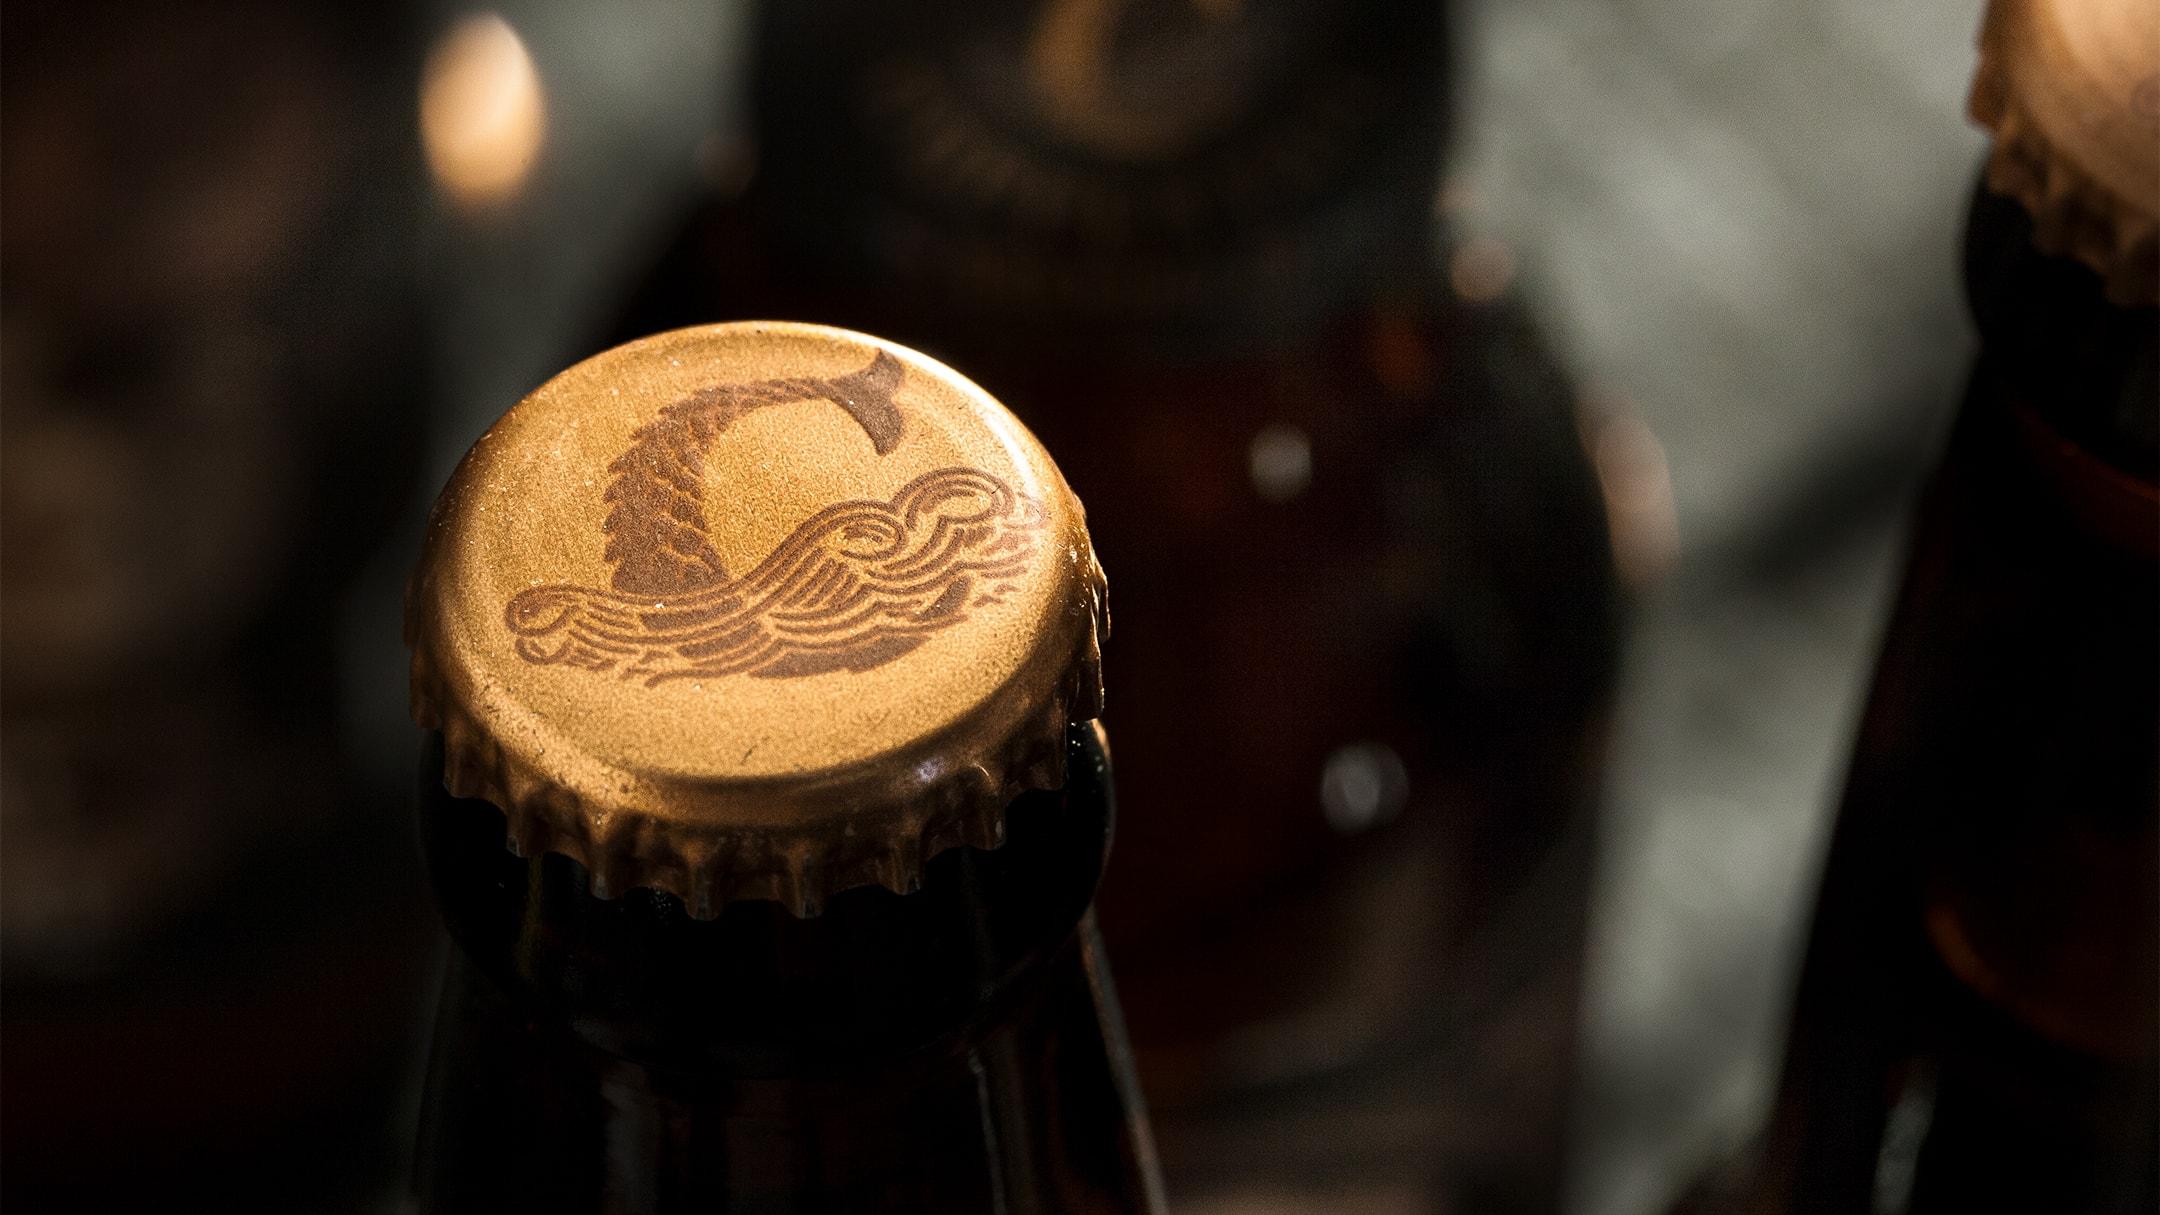 Coppertail bottle cap